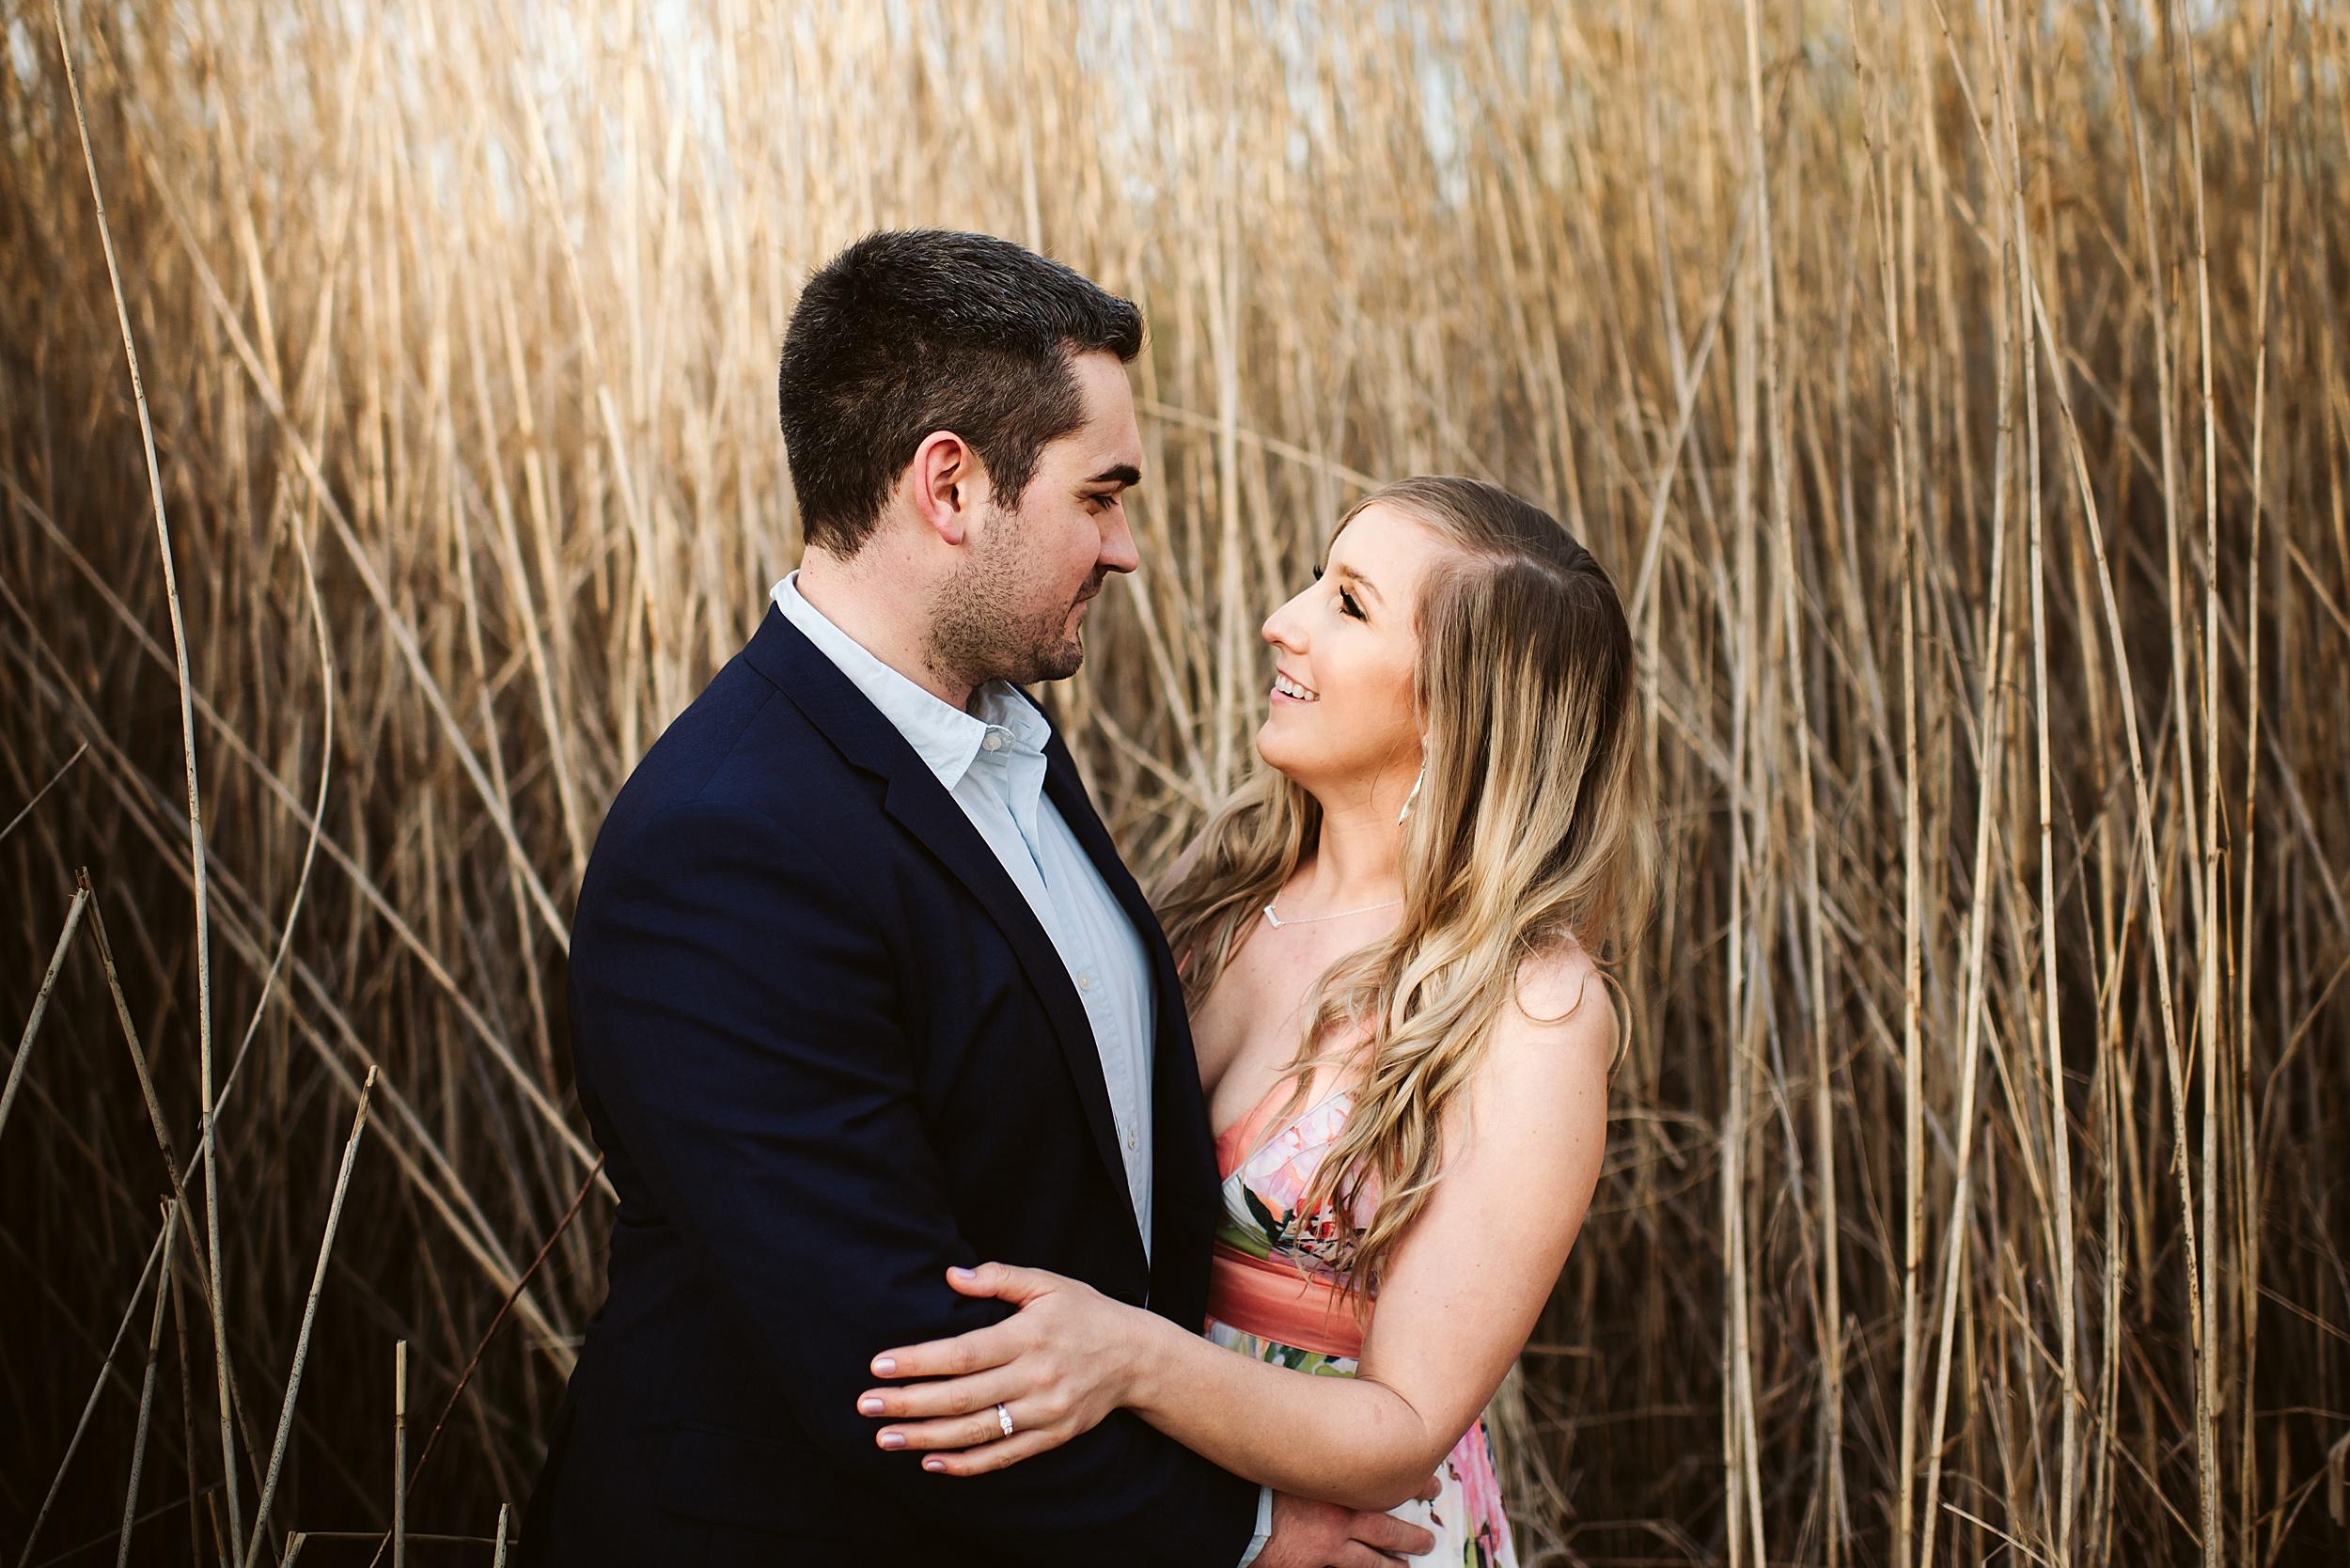 Toronto_Wedding_Photographers_Humber_Bay_Engagement_Shoot_Etobicoke_0003.jpg